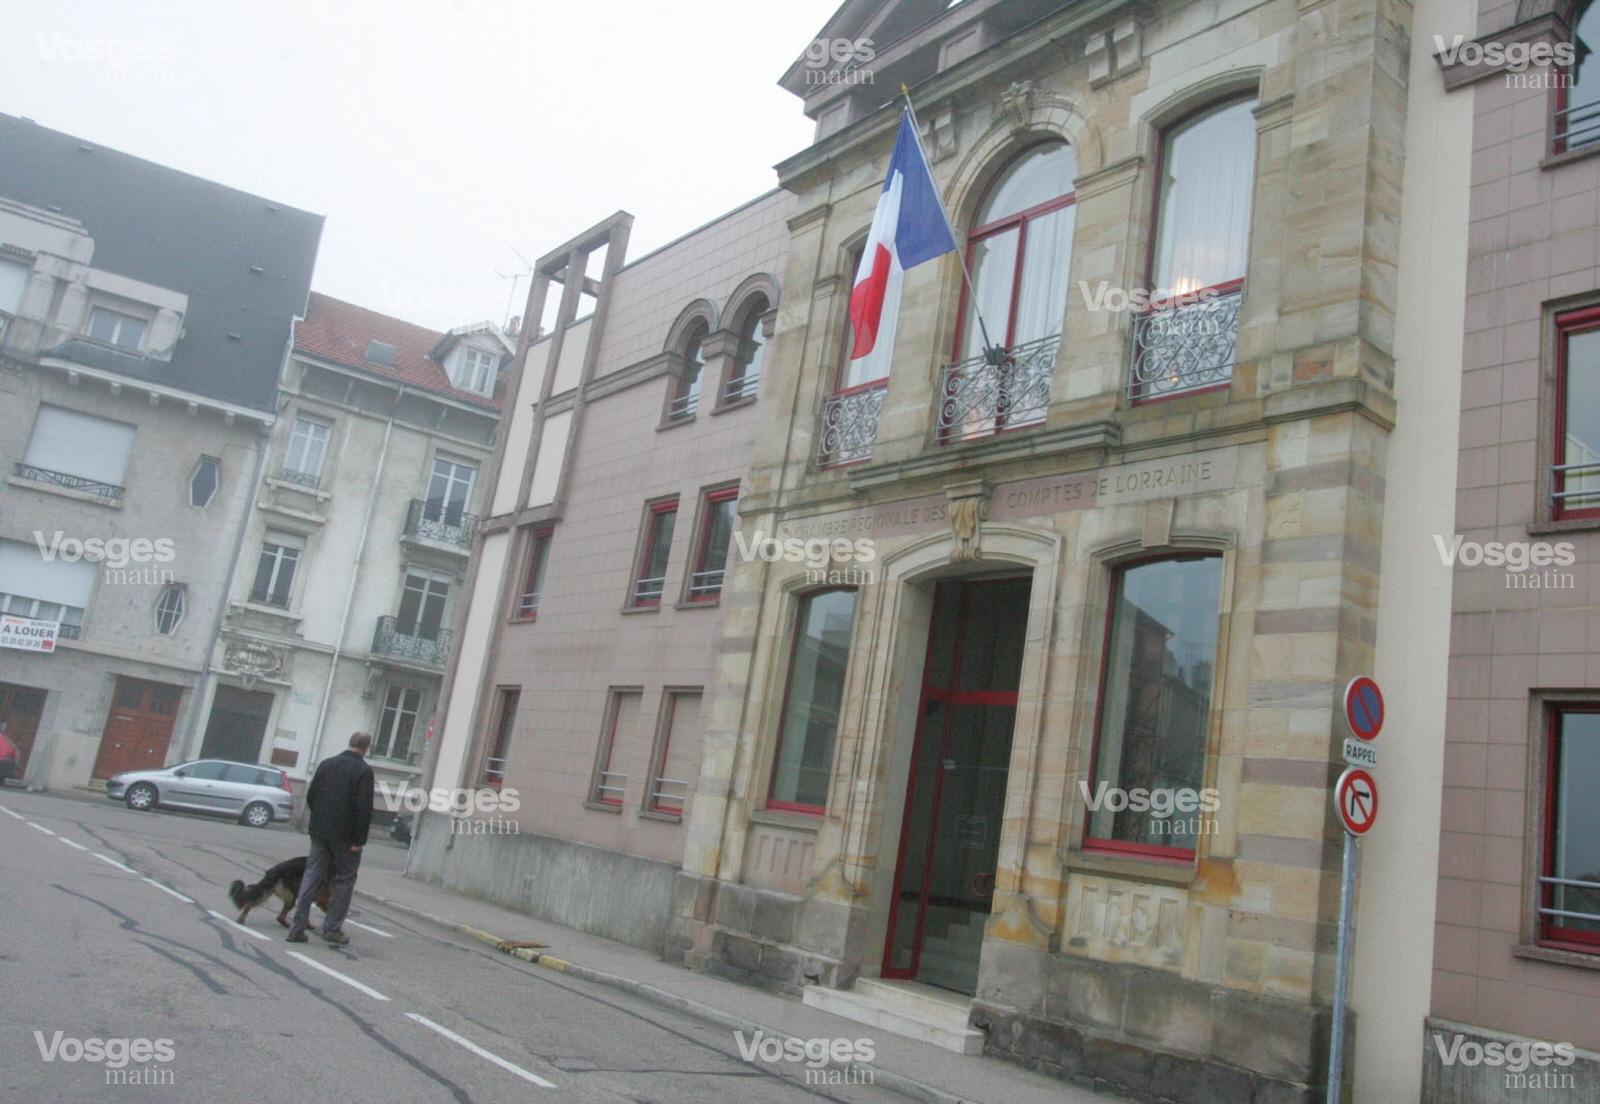 Edition dEpinal  La Chambre rgionale des comptes quitte Epinal